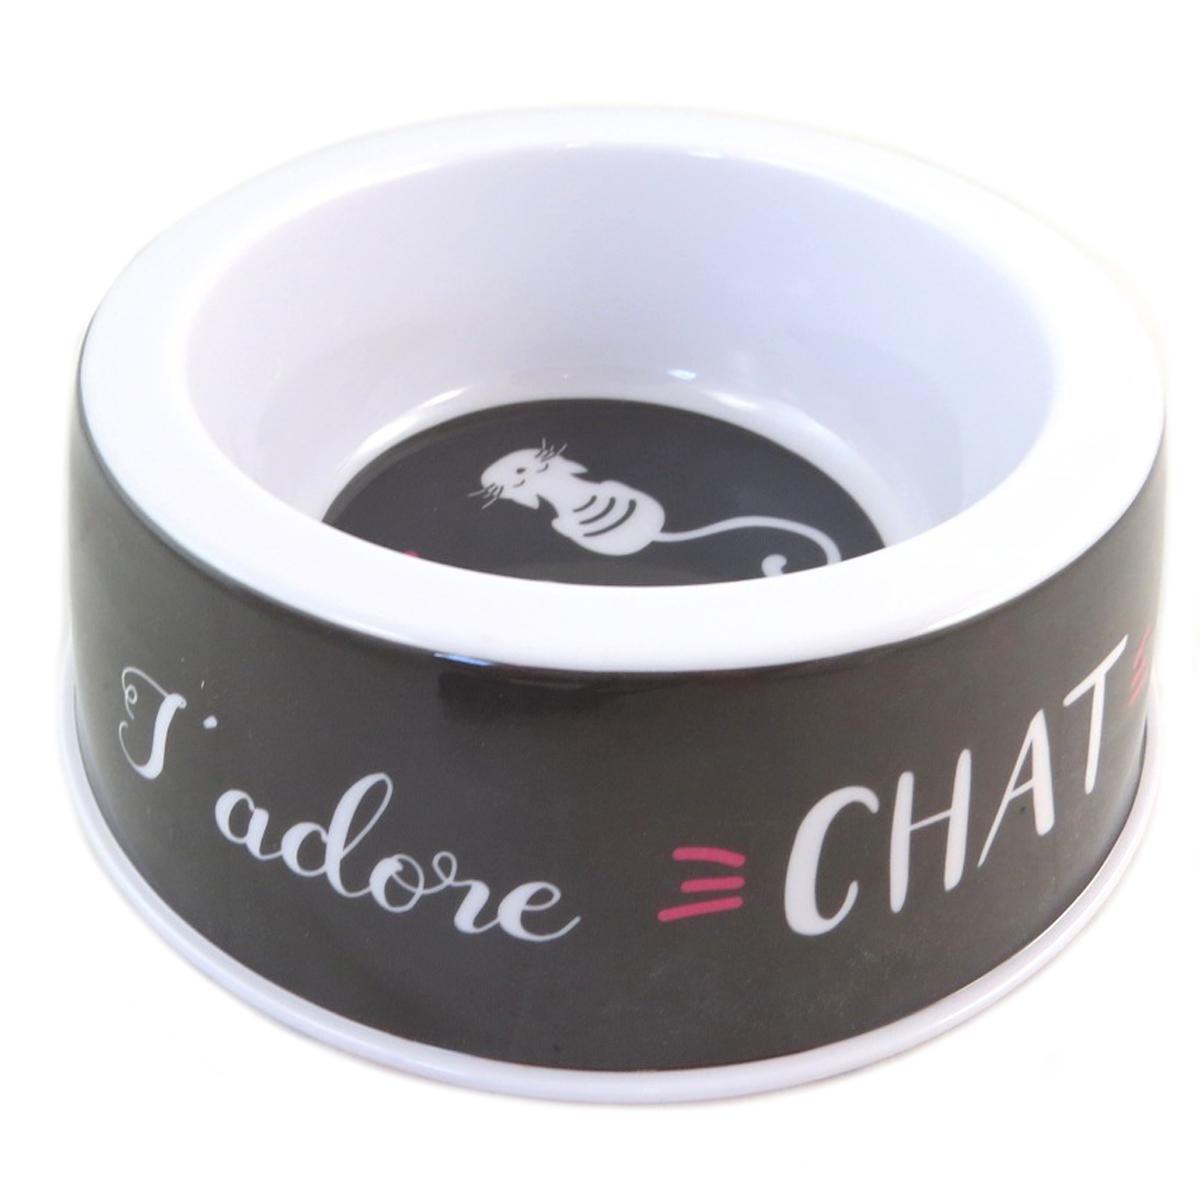 Gamelle créateur \'Chats\' (J\'adore chat) - 19x65 cm - [Q0396]